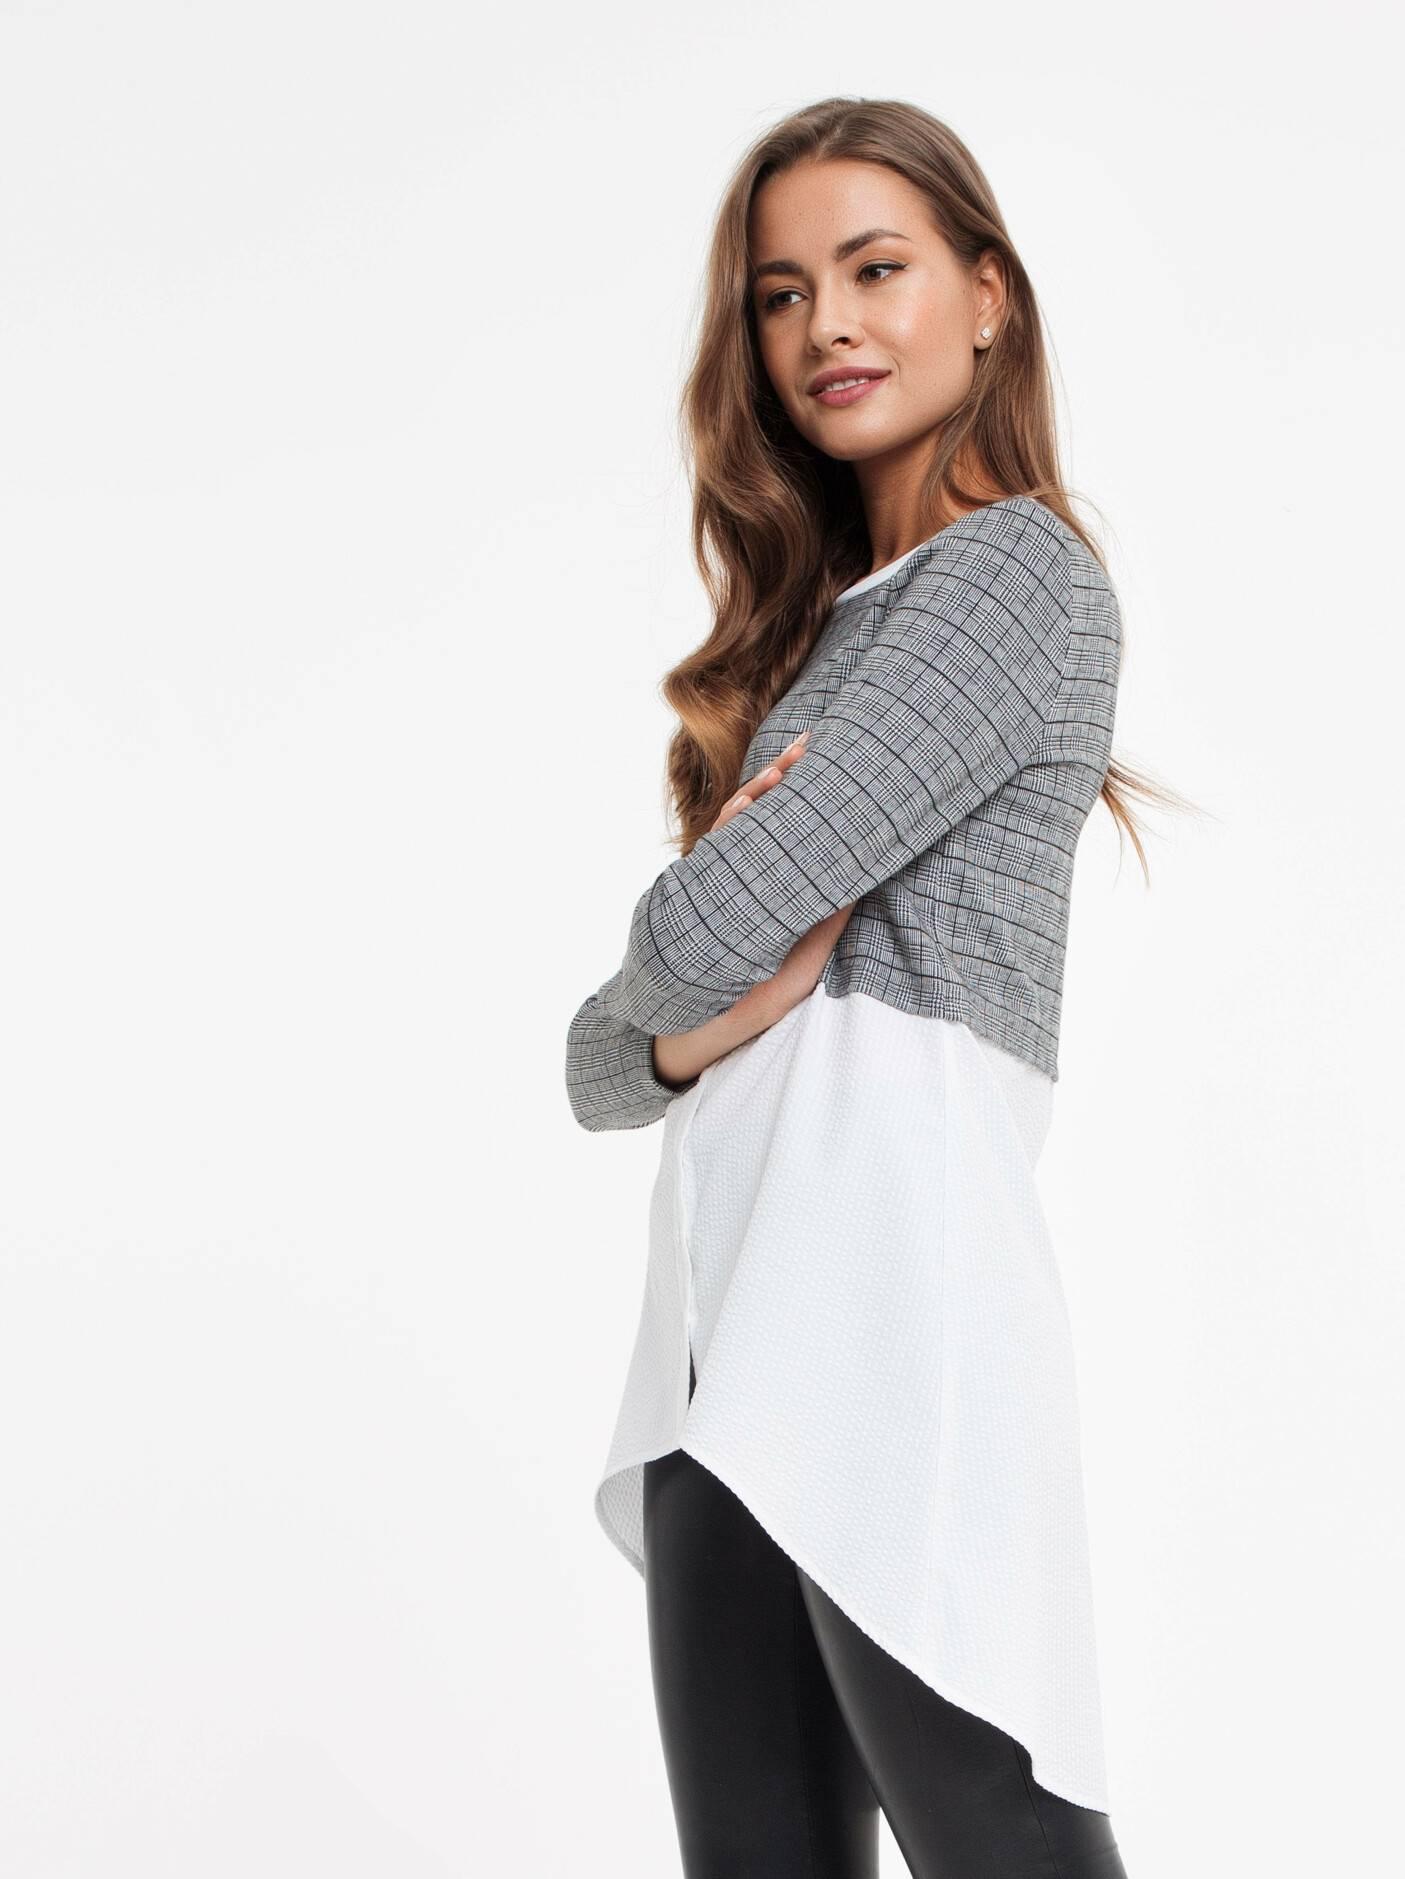 796e7b423f3 Купить стильная туника с имитацией рубашки 830 цвет grey в интернет ...